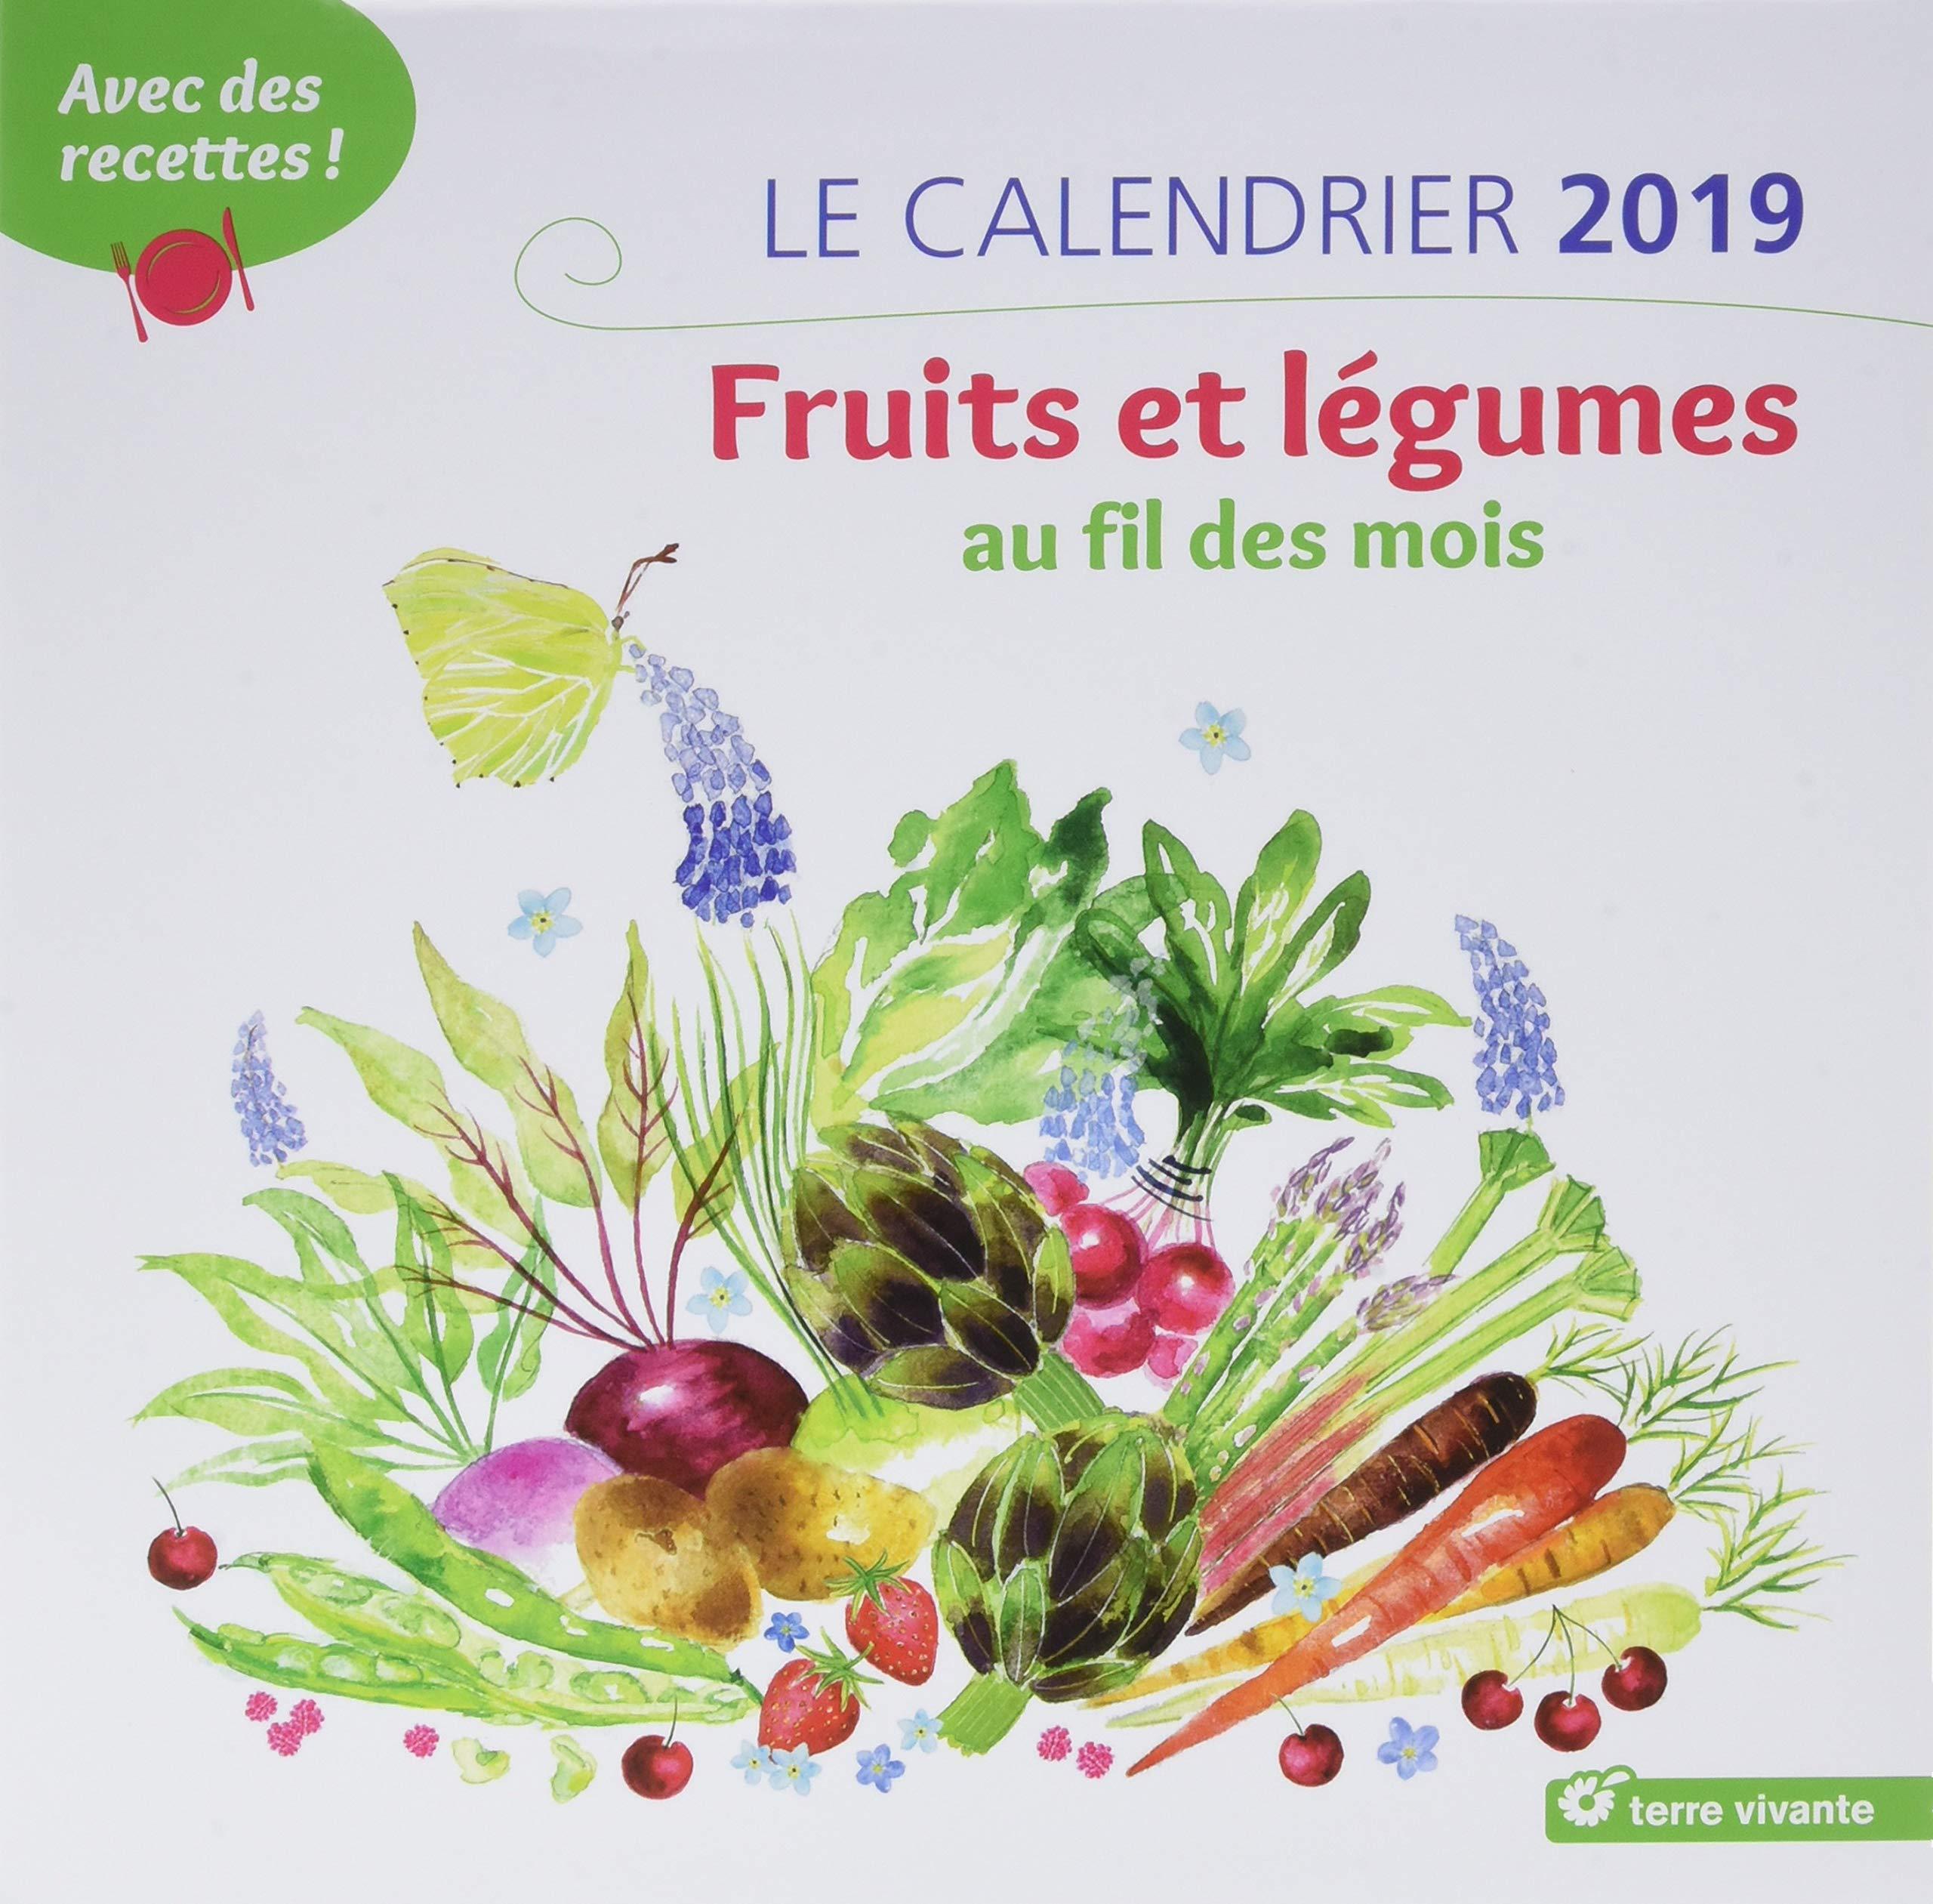 Calendrier Des Legumes.Le Calendrier Fruits Et Legumes Au Fil Des Mois Avec Des